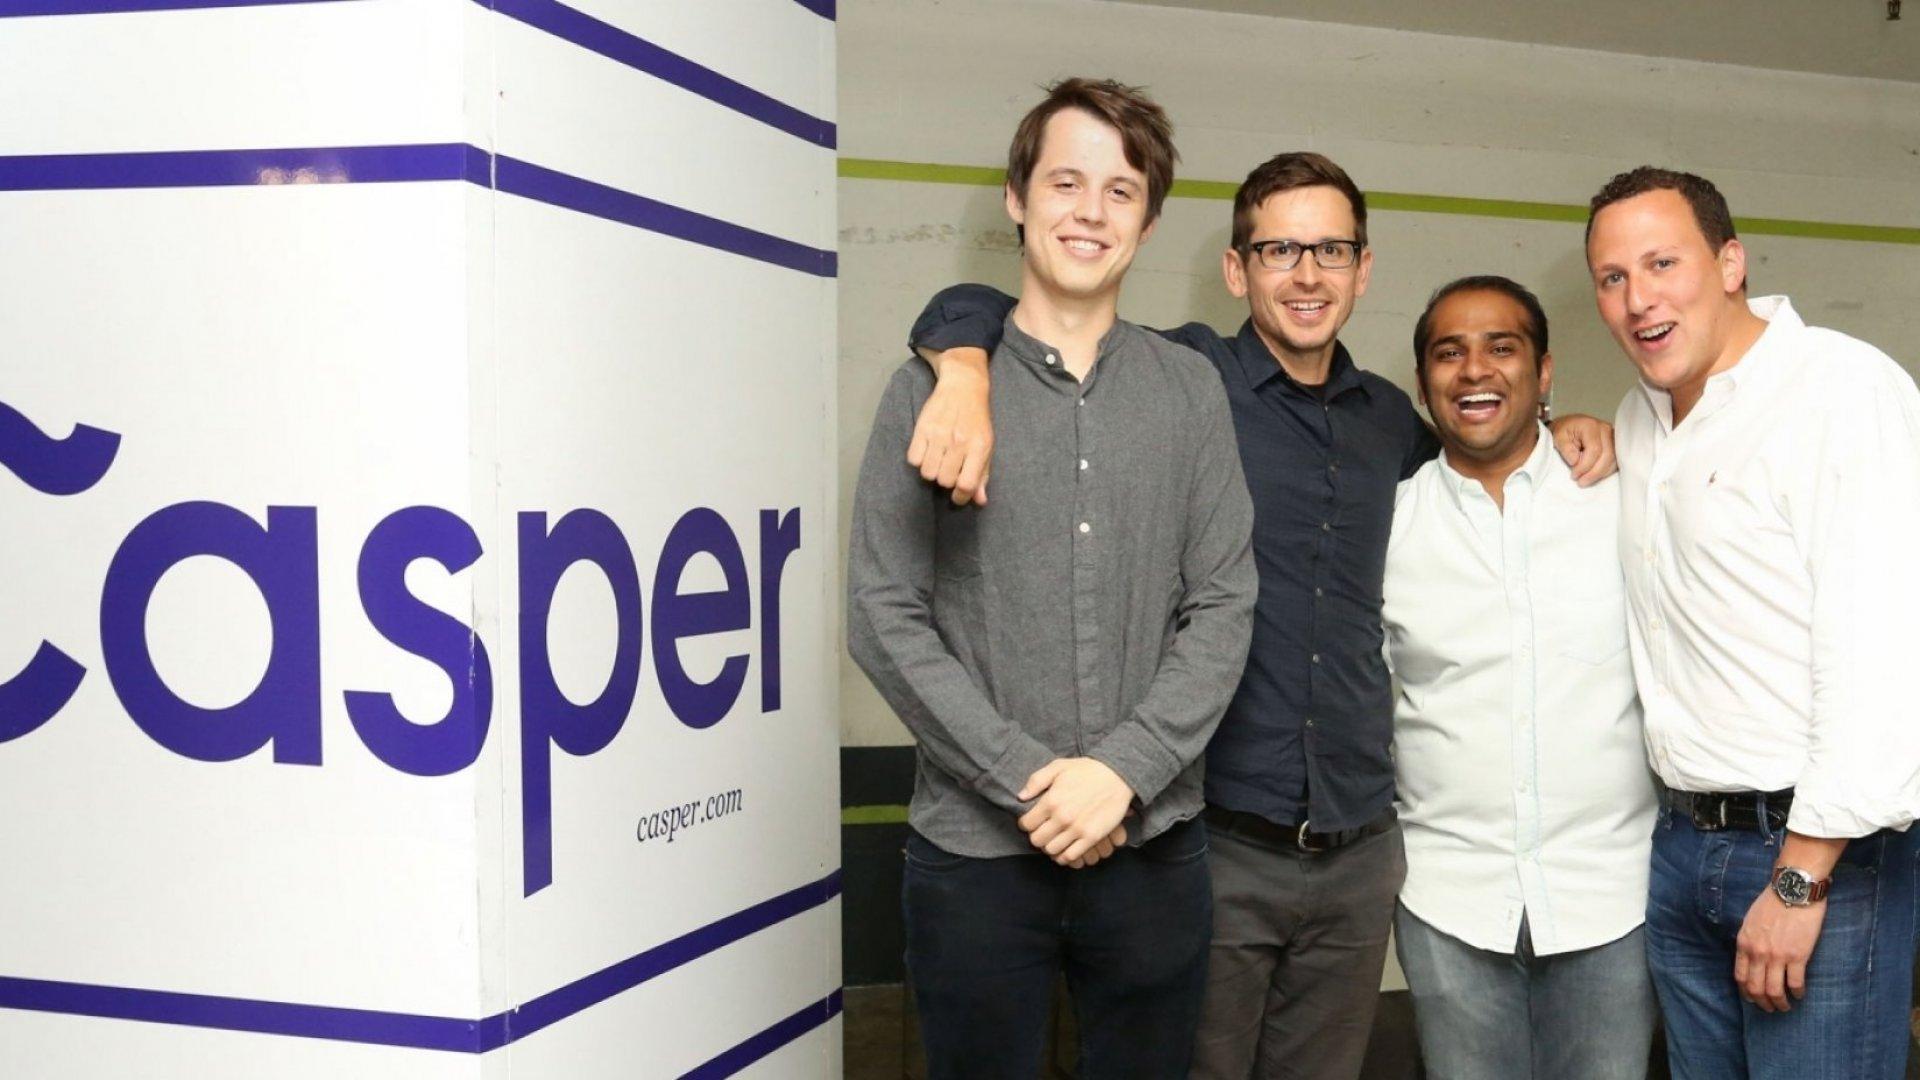 Casper co-founders Luke Sherwin, Jeff Chapin, Neil Parikh, and Philip Krim.